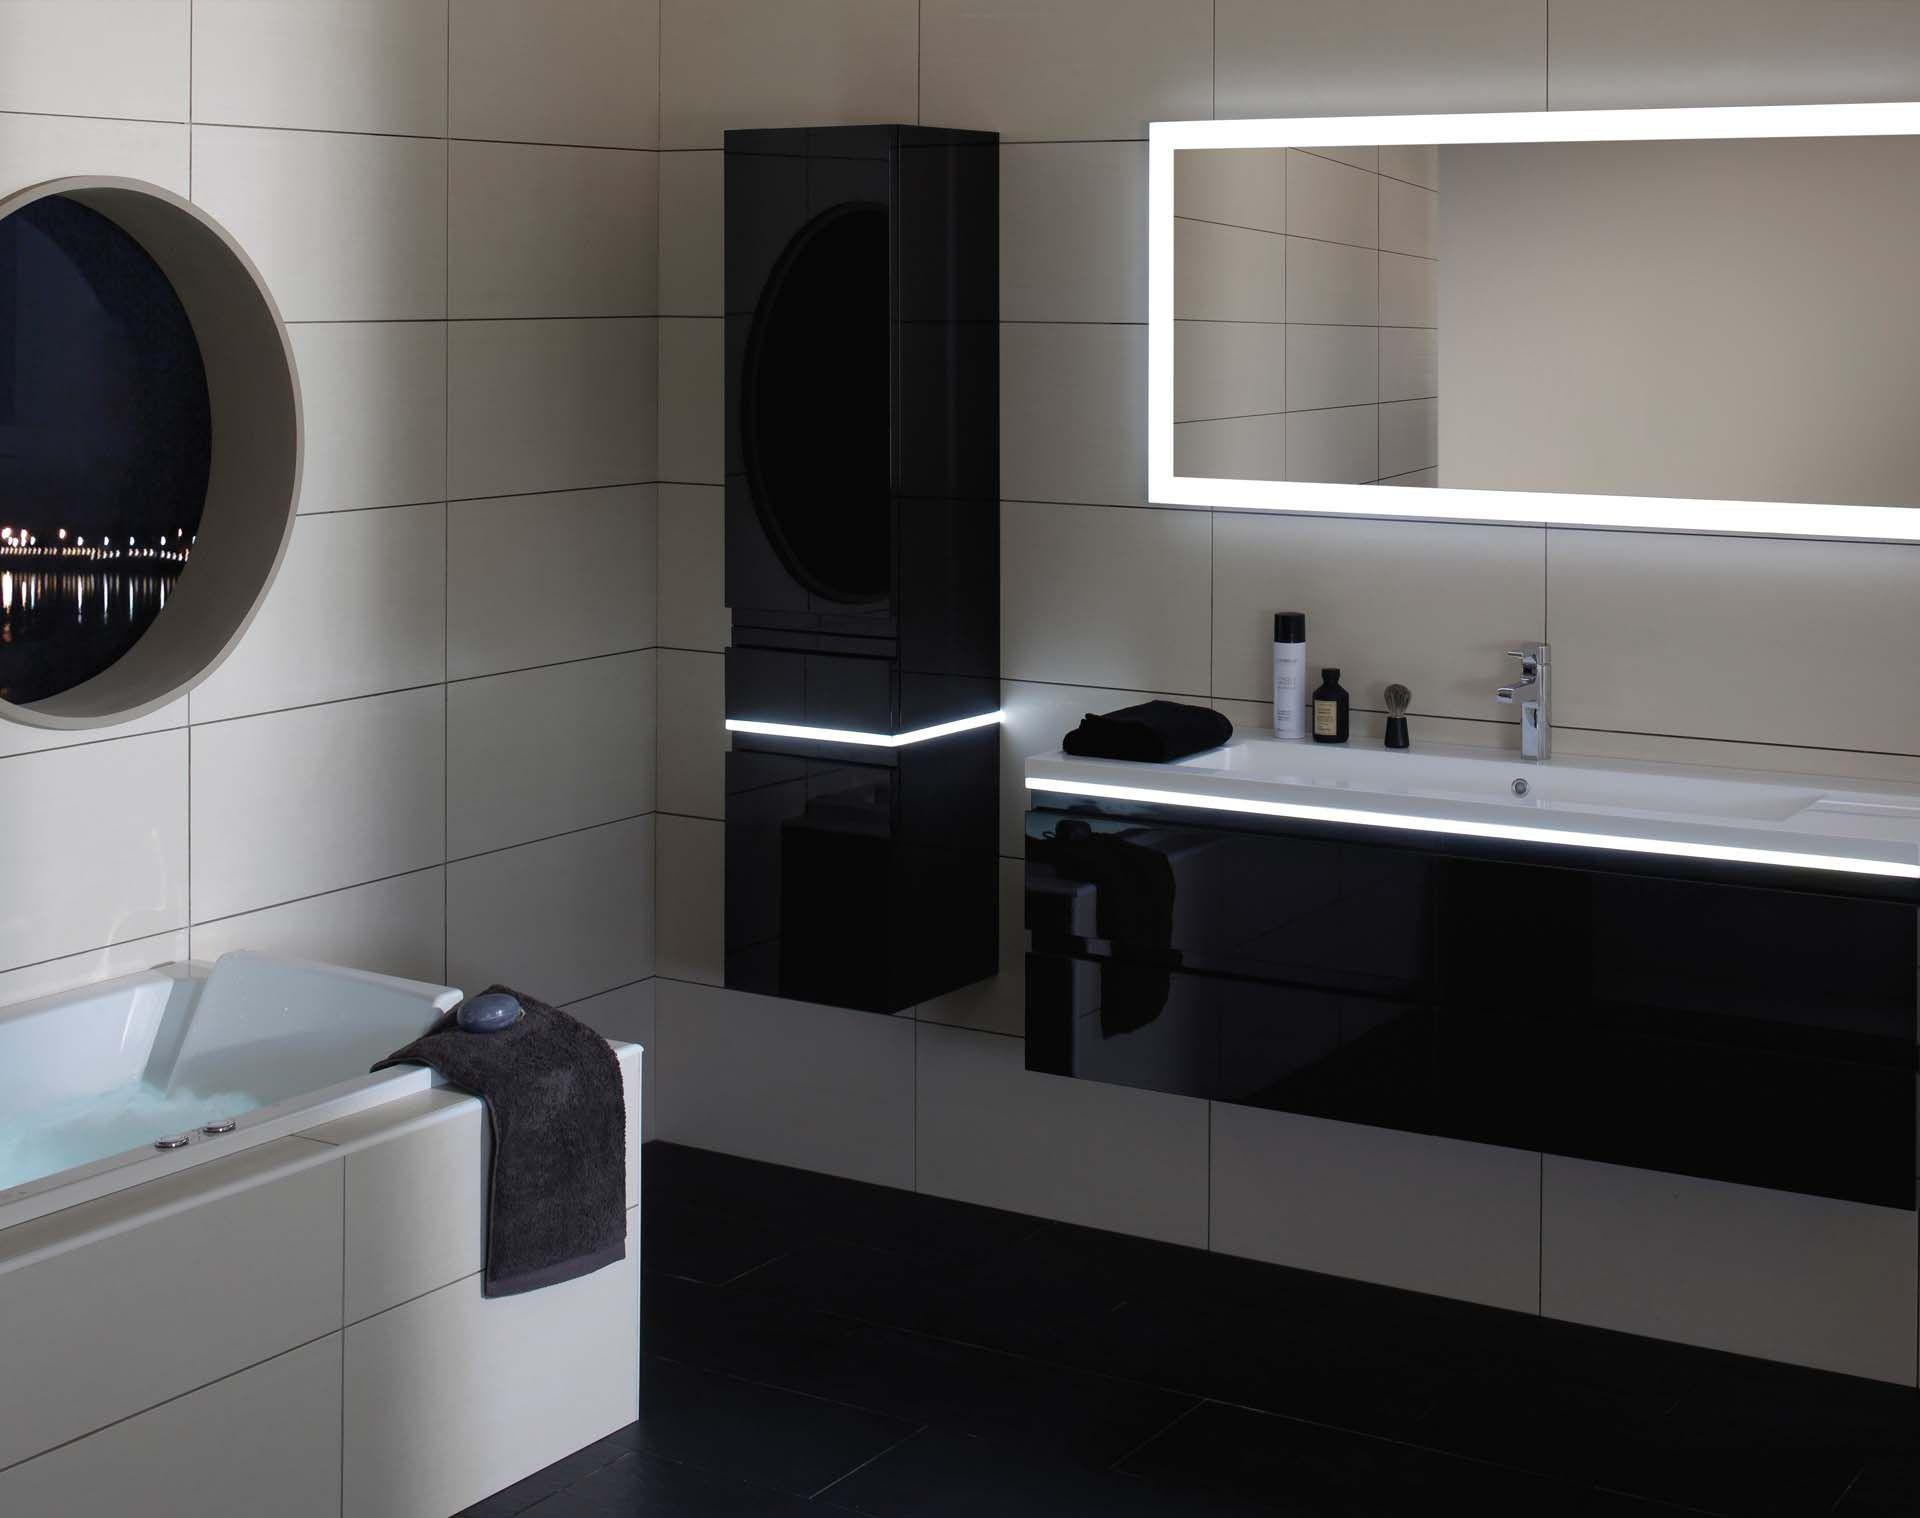 Miroir Eclairant Salle De Bain pour un effet fun garantit, on habille ses meubles de led